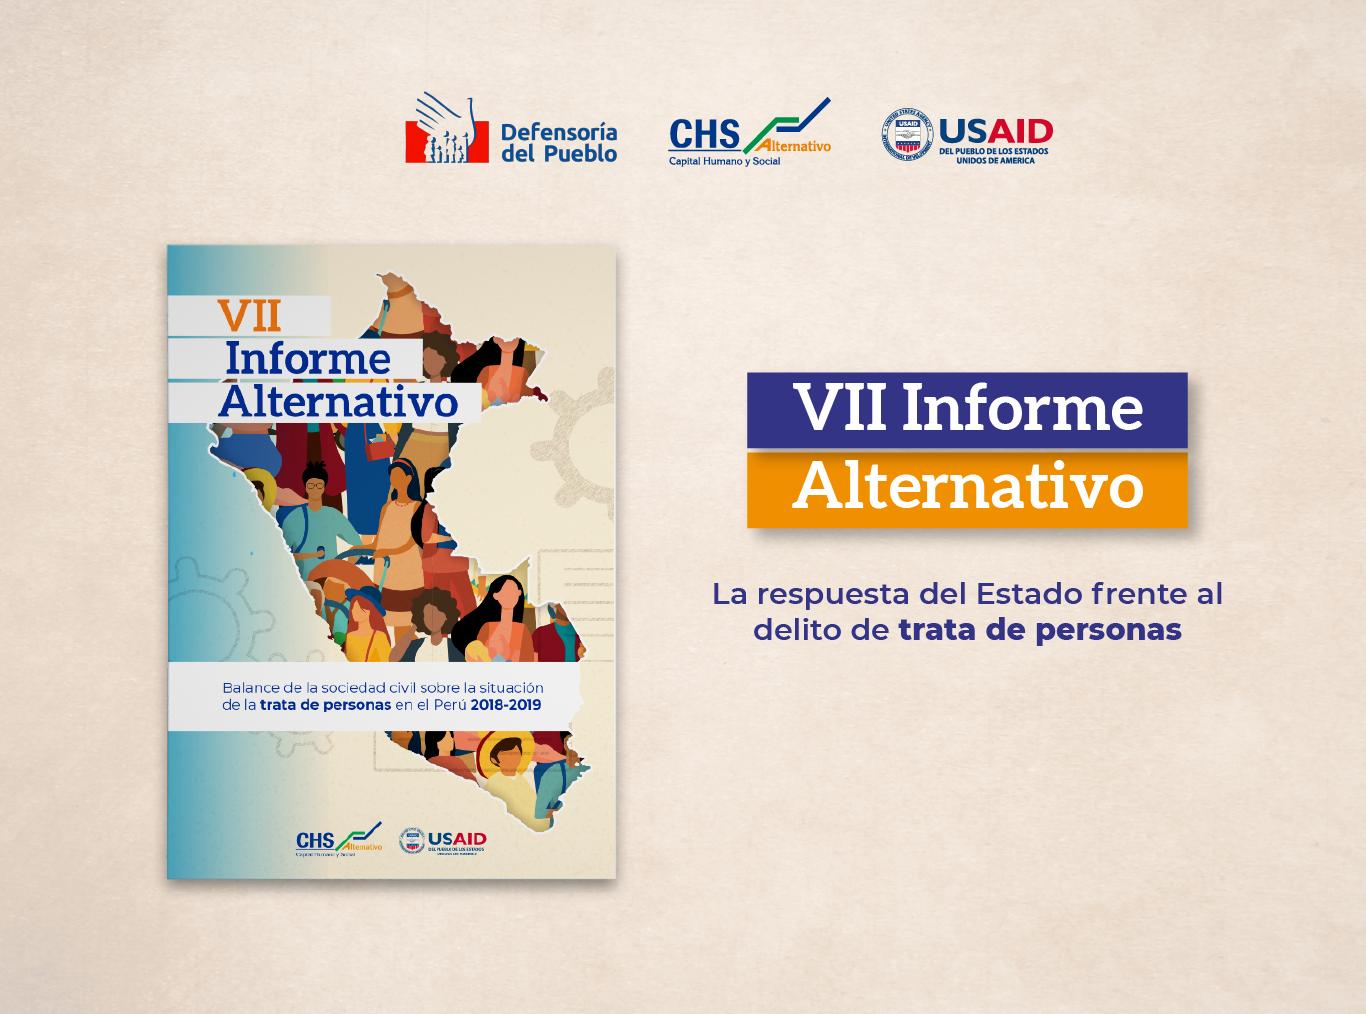 VII INFORME ALTERNATIVO. Balance sobre las acciones adoptadas por las instituciones públicas para la lucha contra la trata de personas en el Perú